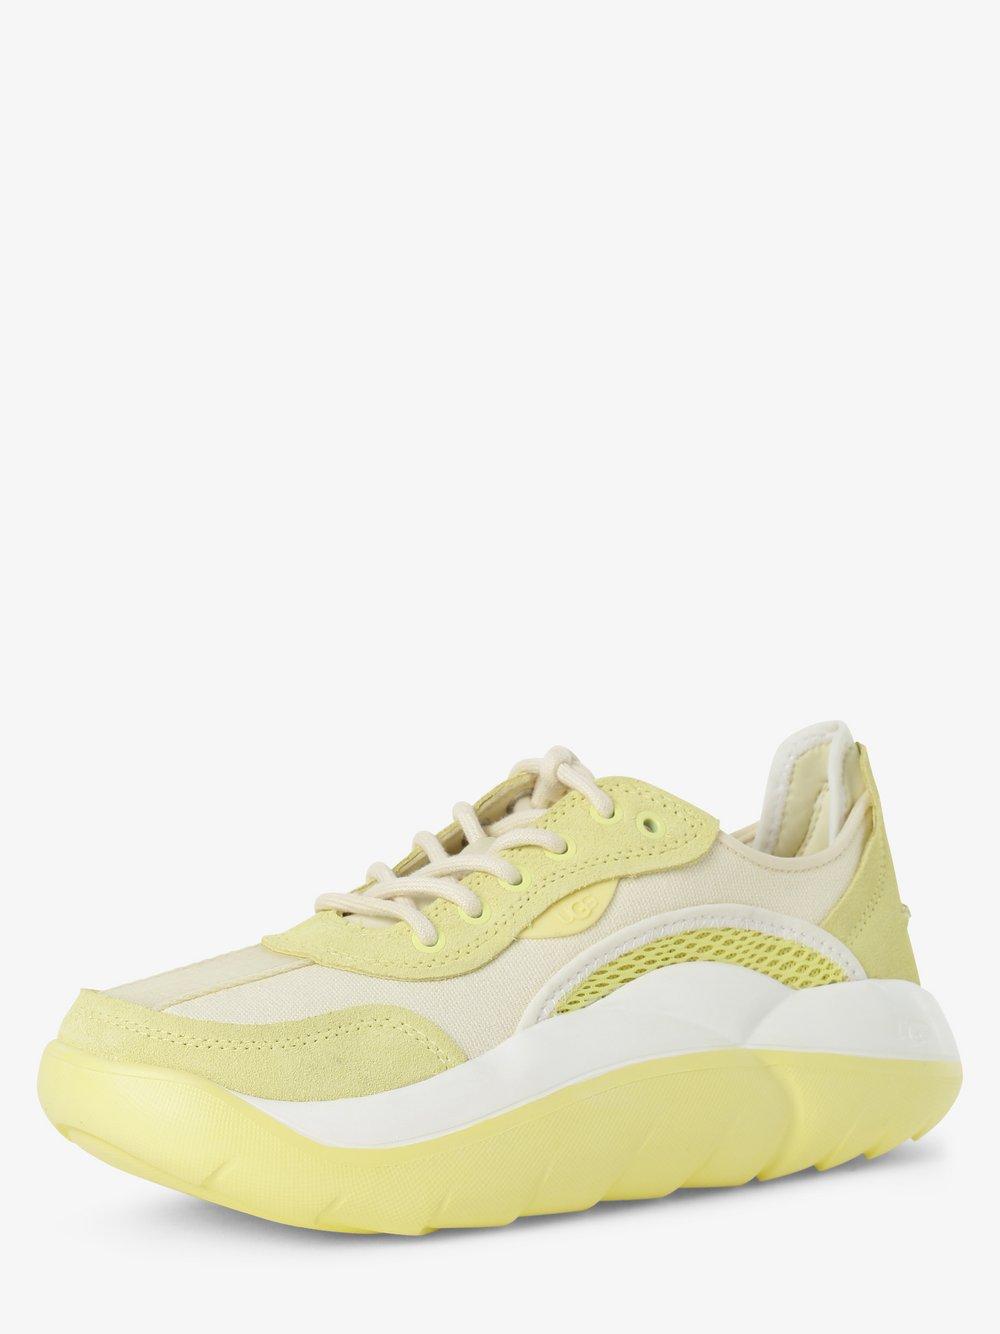 UGG - Tenisówki damskie z dodatkiem skóry – LA Clous Low, żółty